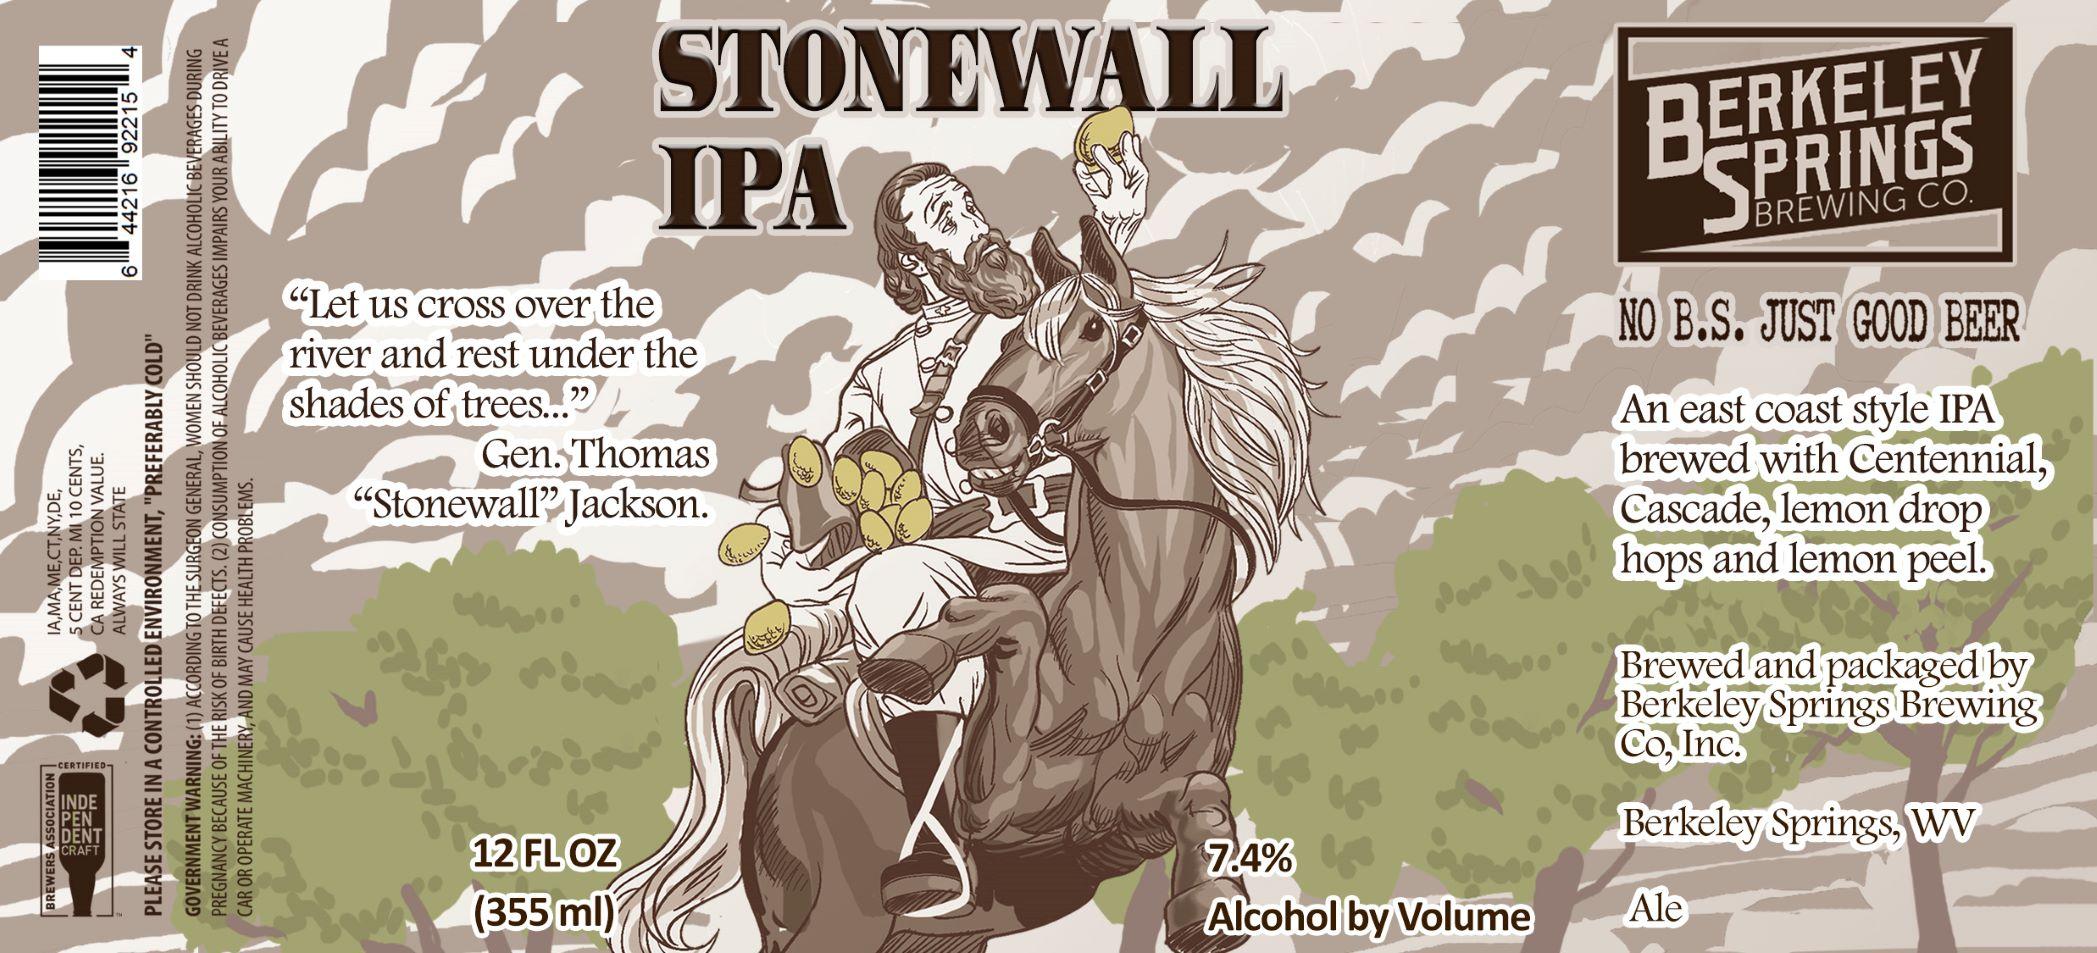 Stonewall IPA